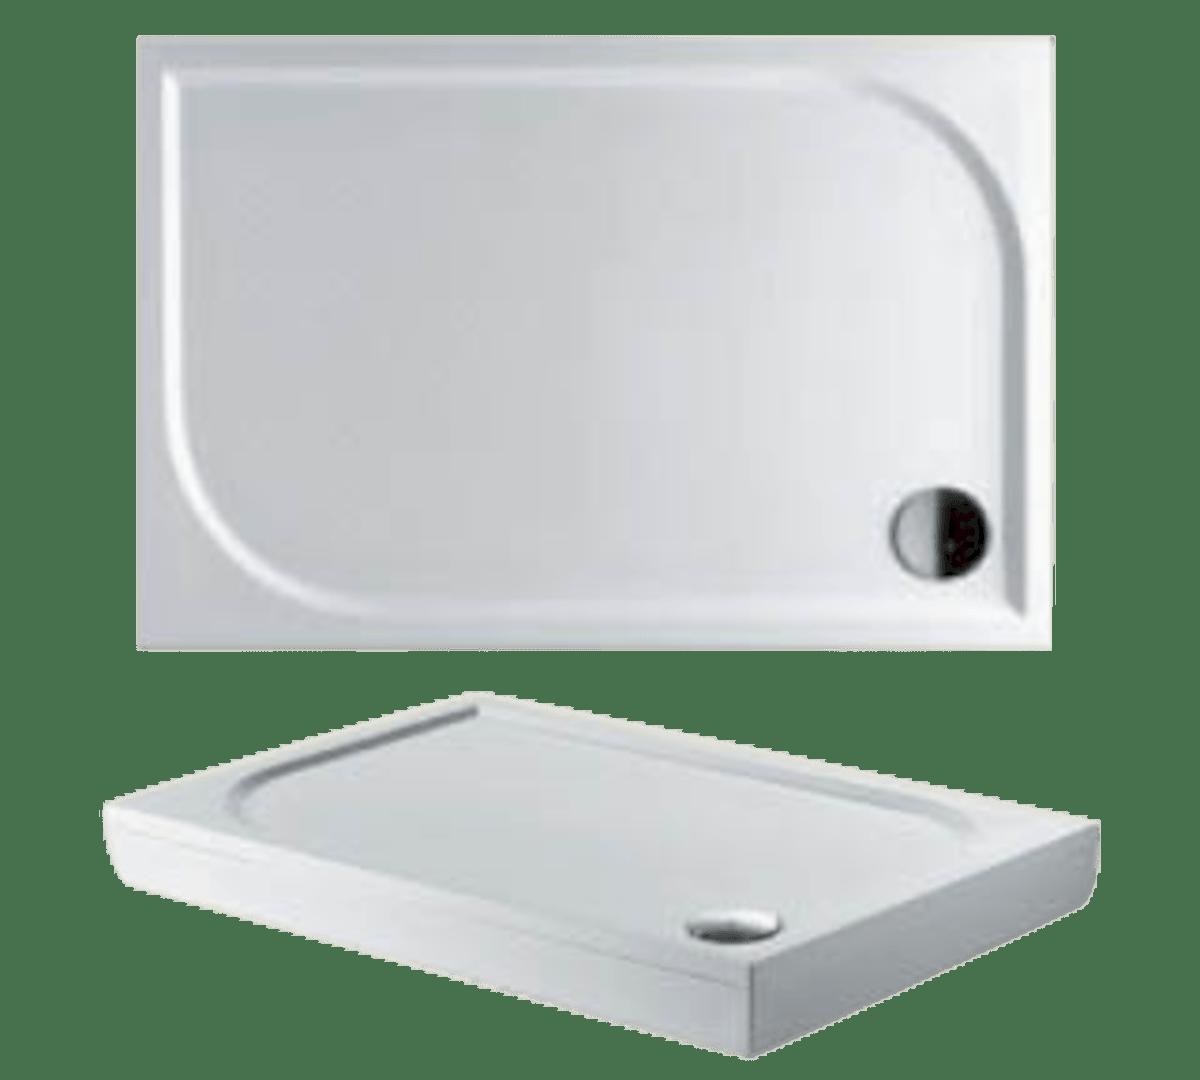 Sprchová vanička obdélníková Riho Kolping 120x90 cm litý mramor DB3400500000000